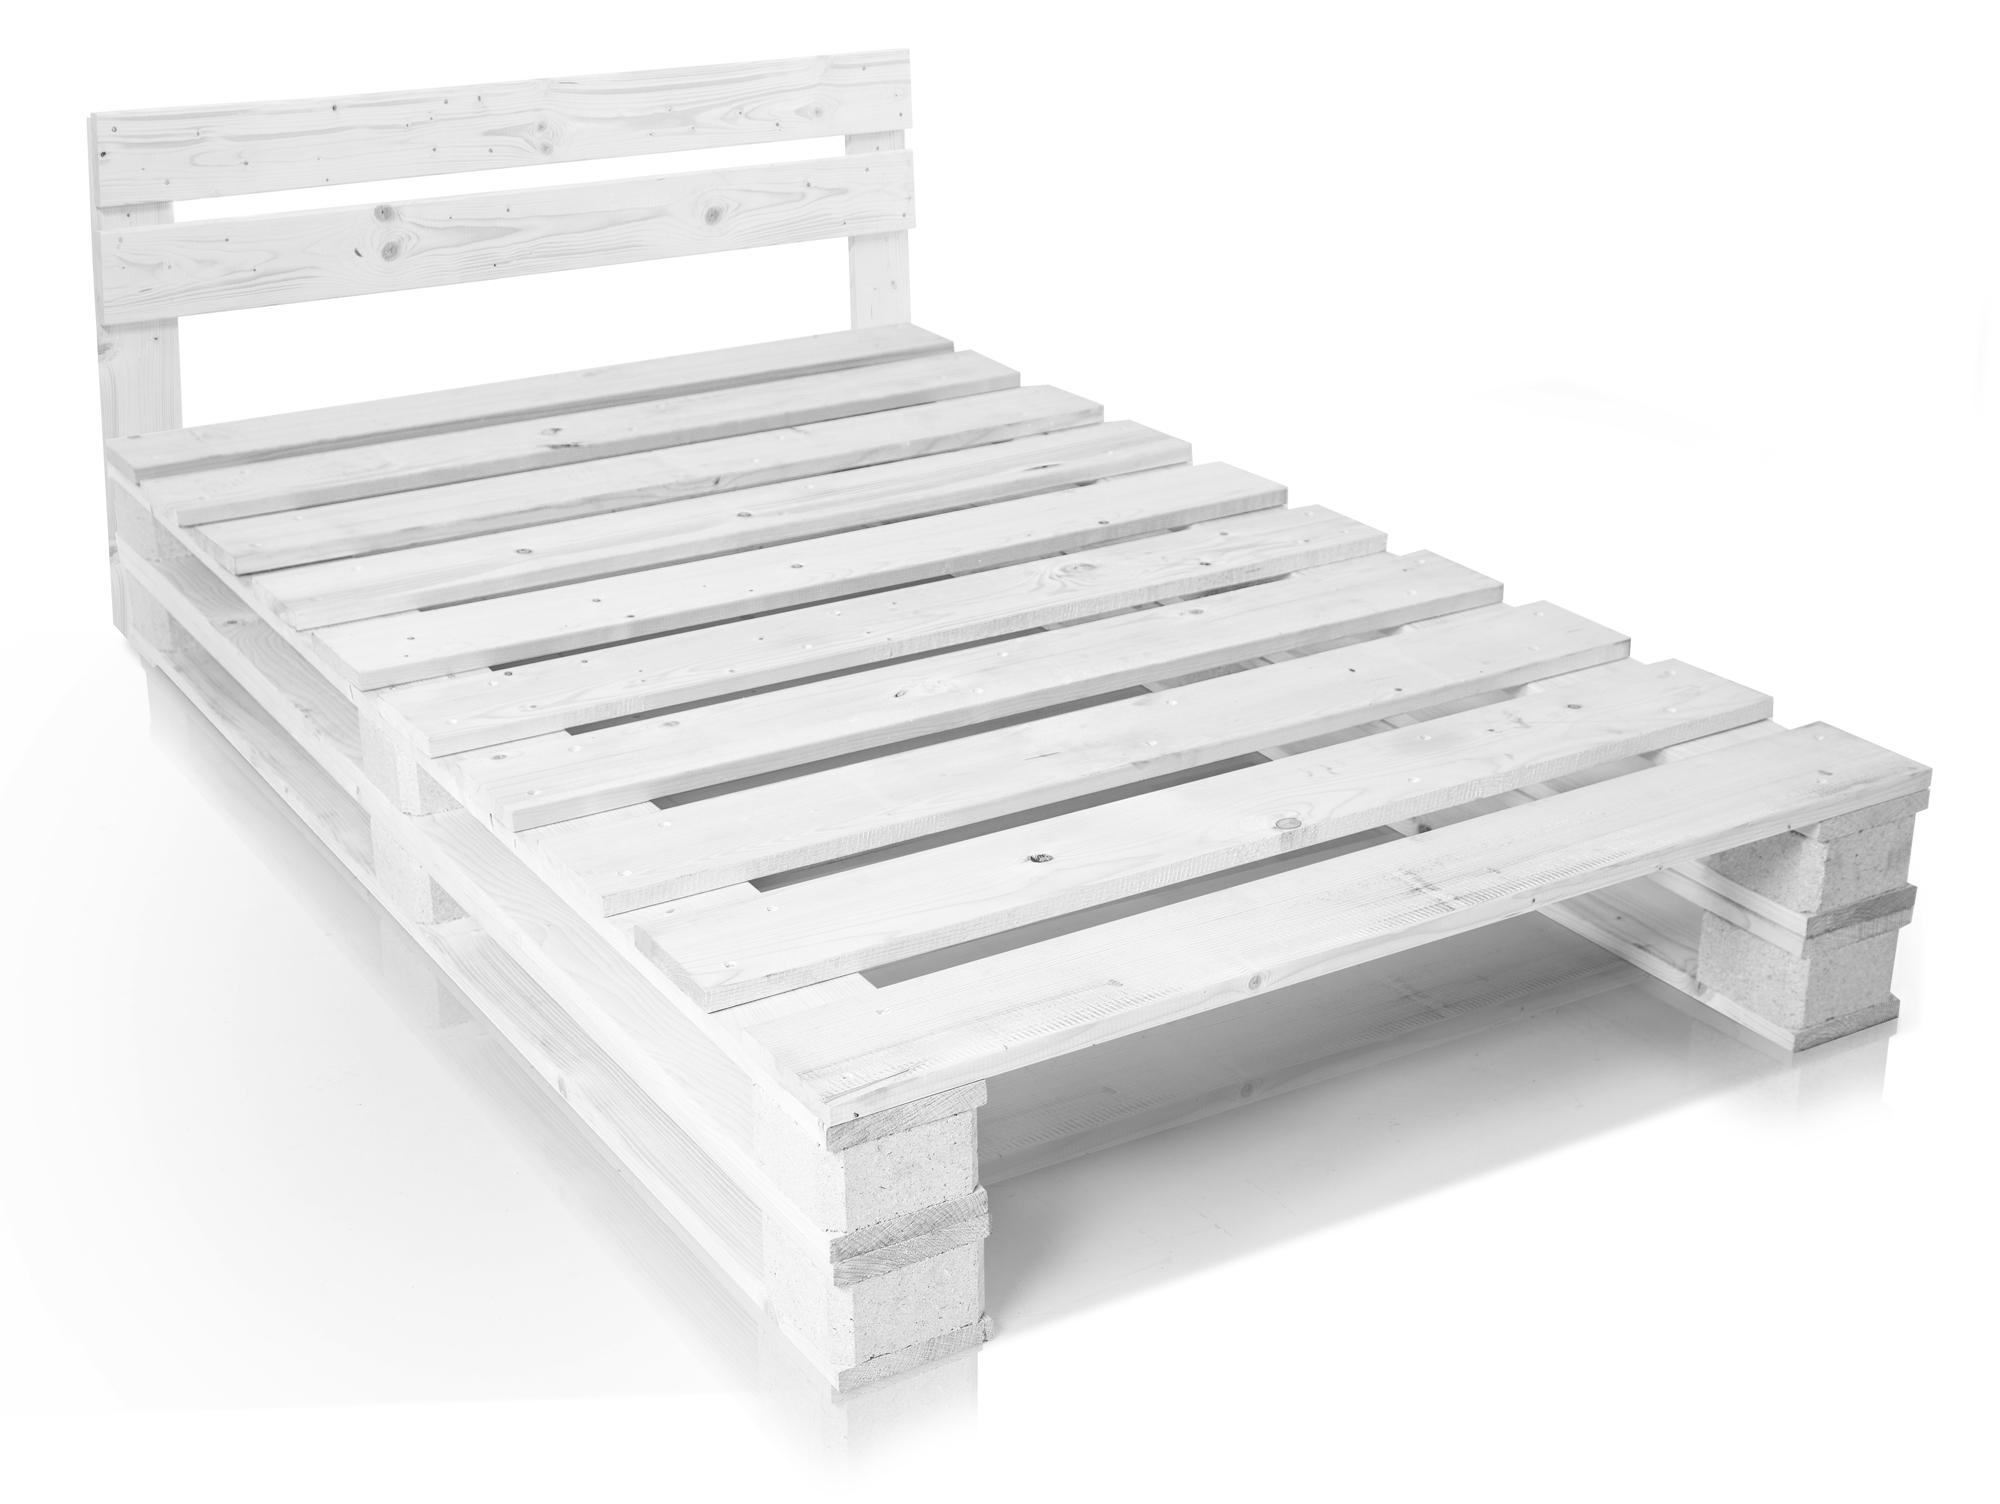 Full Size of Bett Weiß 120x200 Paletti Duo Kopfteil Palettenbett Holzbett Fichte Wei Bettwäsche Sprüche Betten Kaufen Matratze Mit Und Lattenrost Ausgefallene 140x200 Bett Bett Weiß 120x200